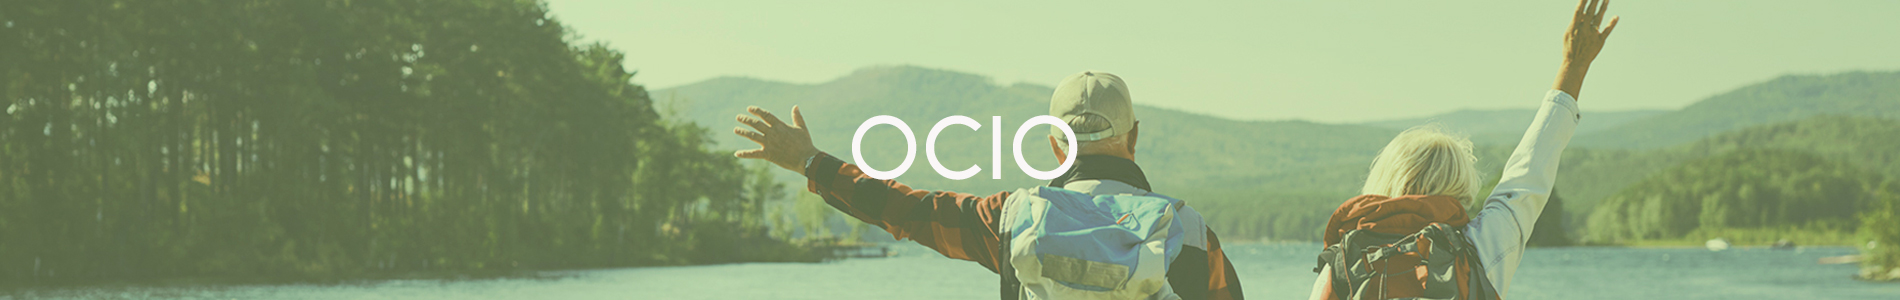 banner-ocio-1900x300